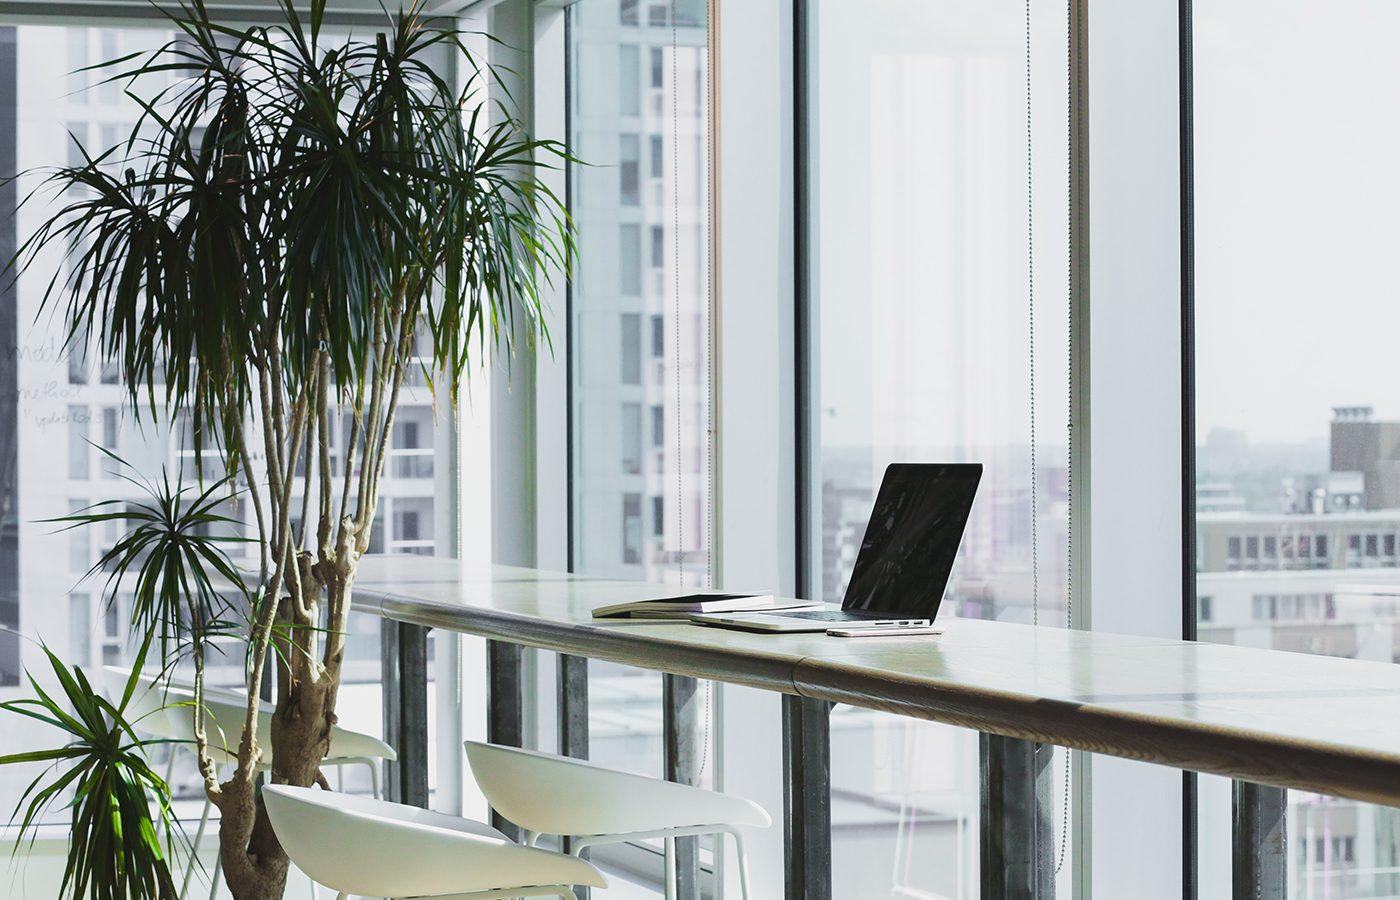 Laptop at social media agency office